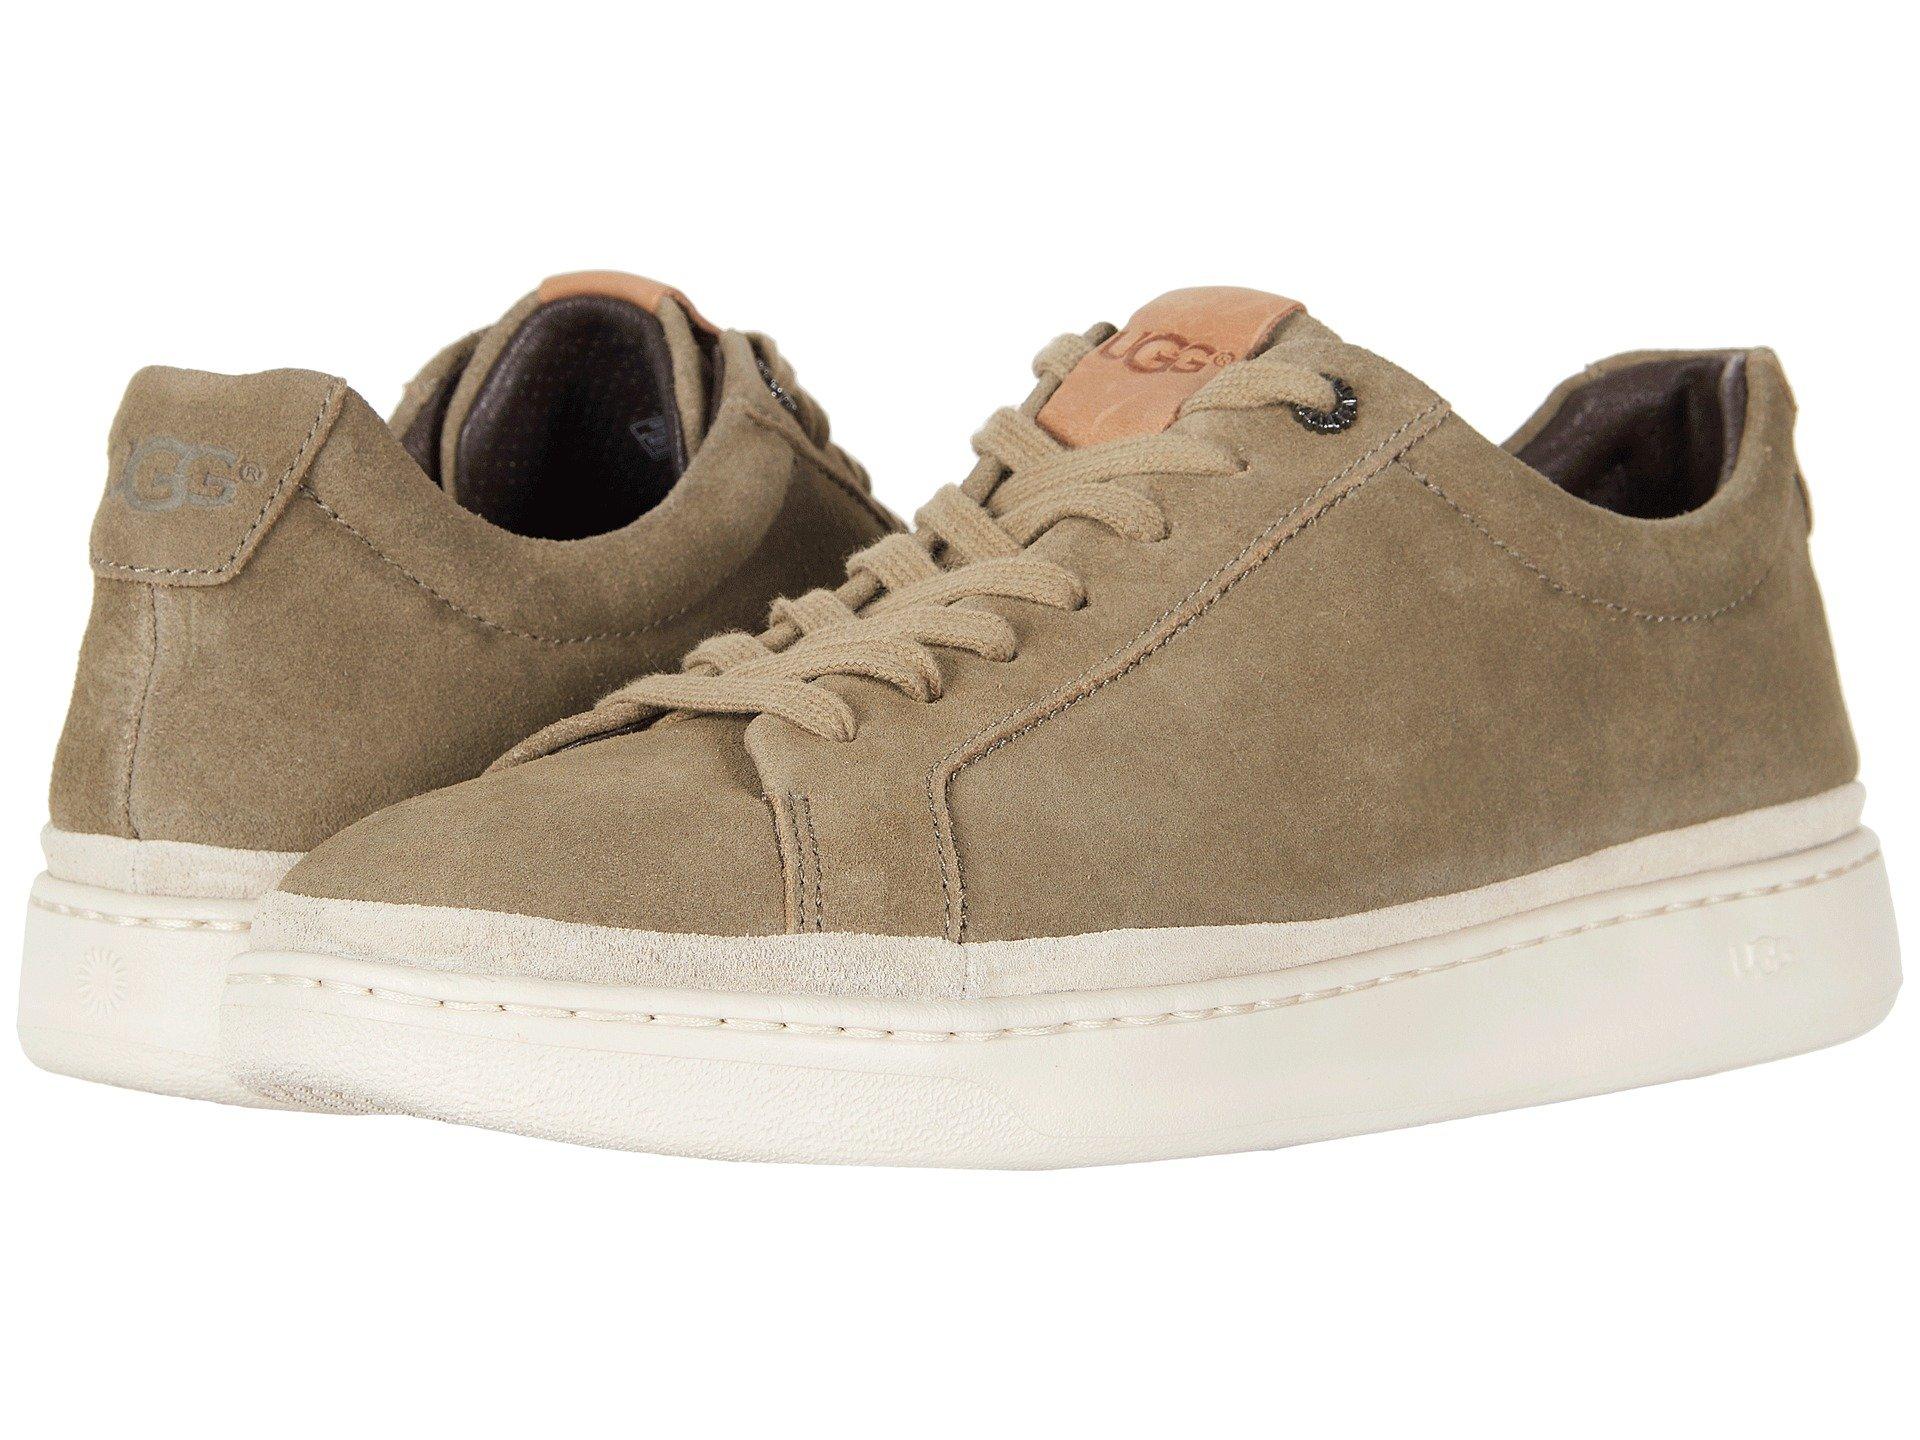 Cali Sneaker Low Ugg Antilope Low Cali Antilope Ugg Sneaker Ugg Low Sneaker Cali FUxHq5xwz